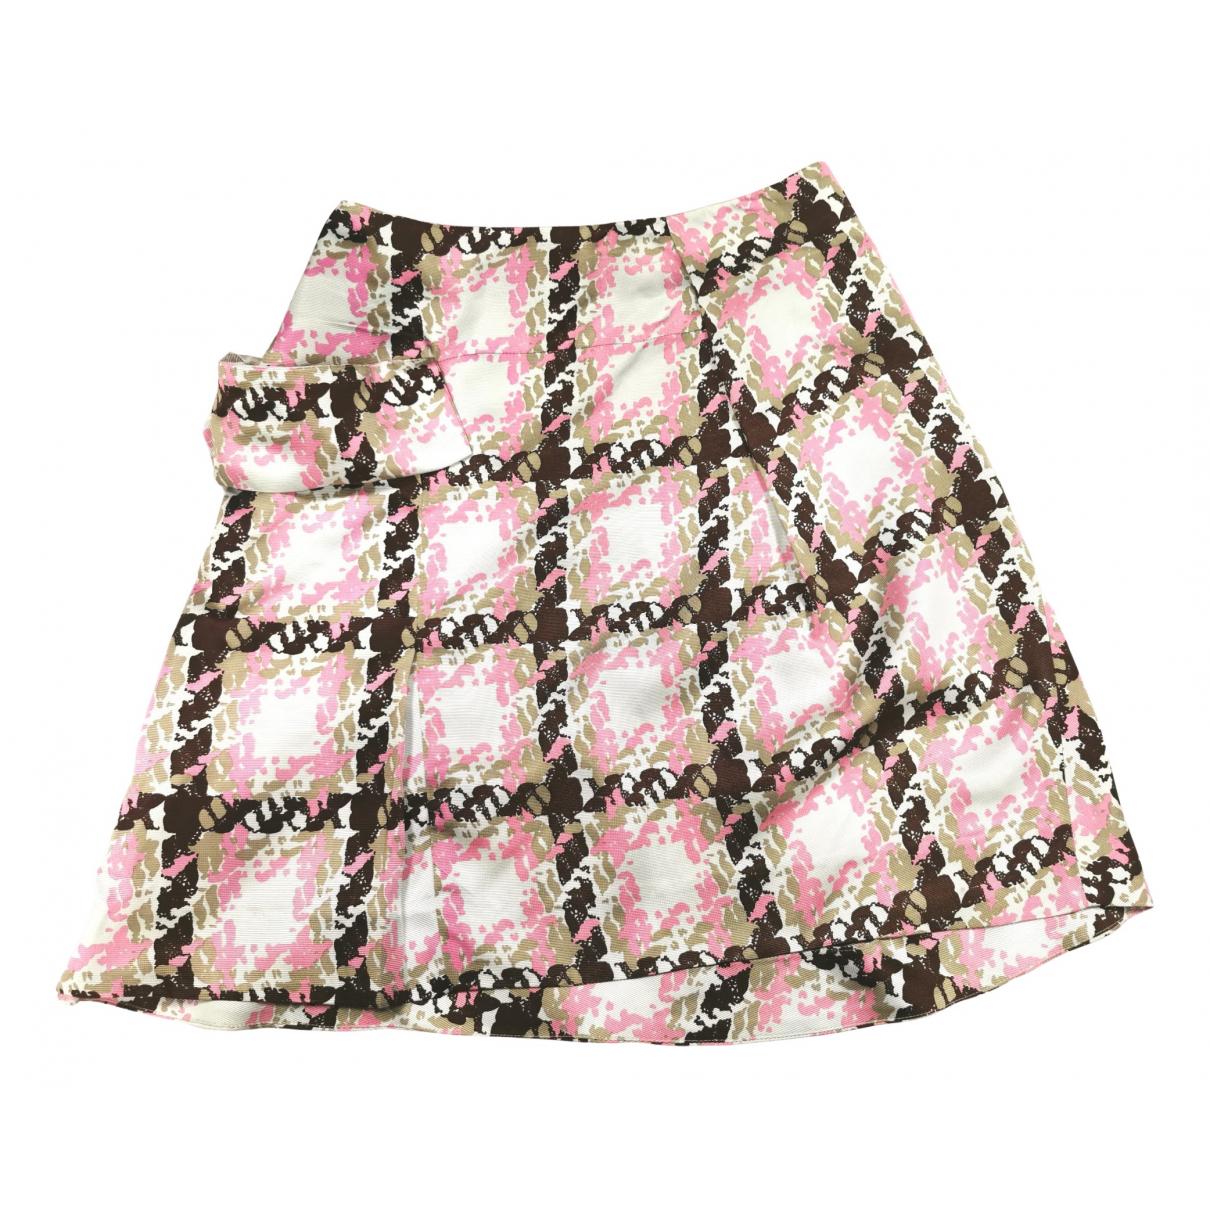 Marni \N Pink skirt for Women 38 FR